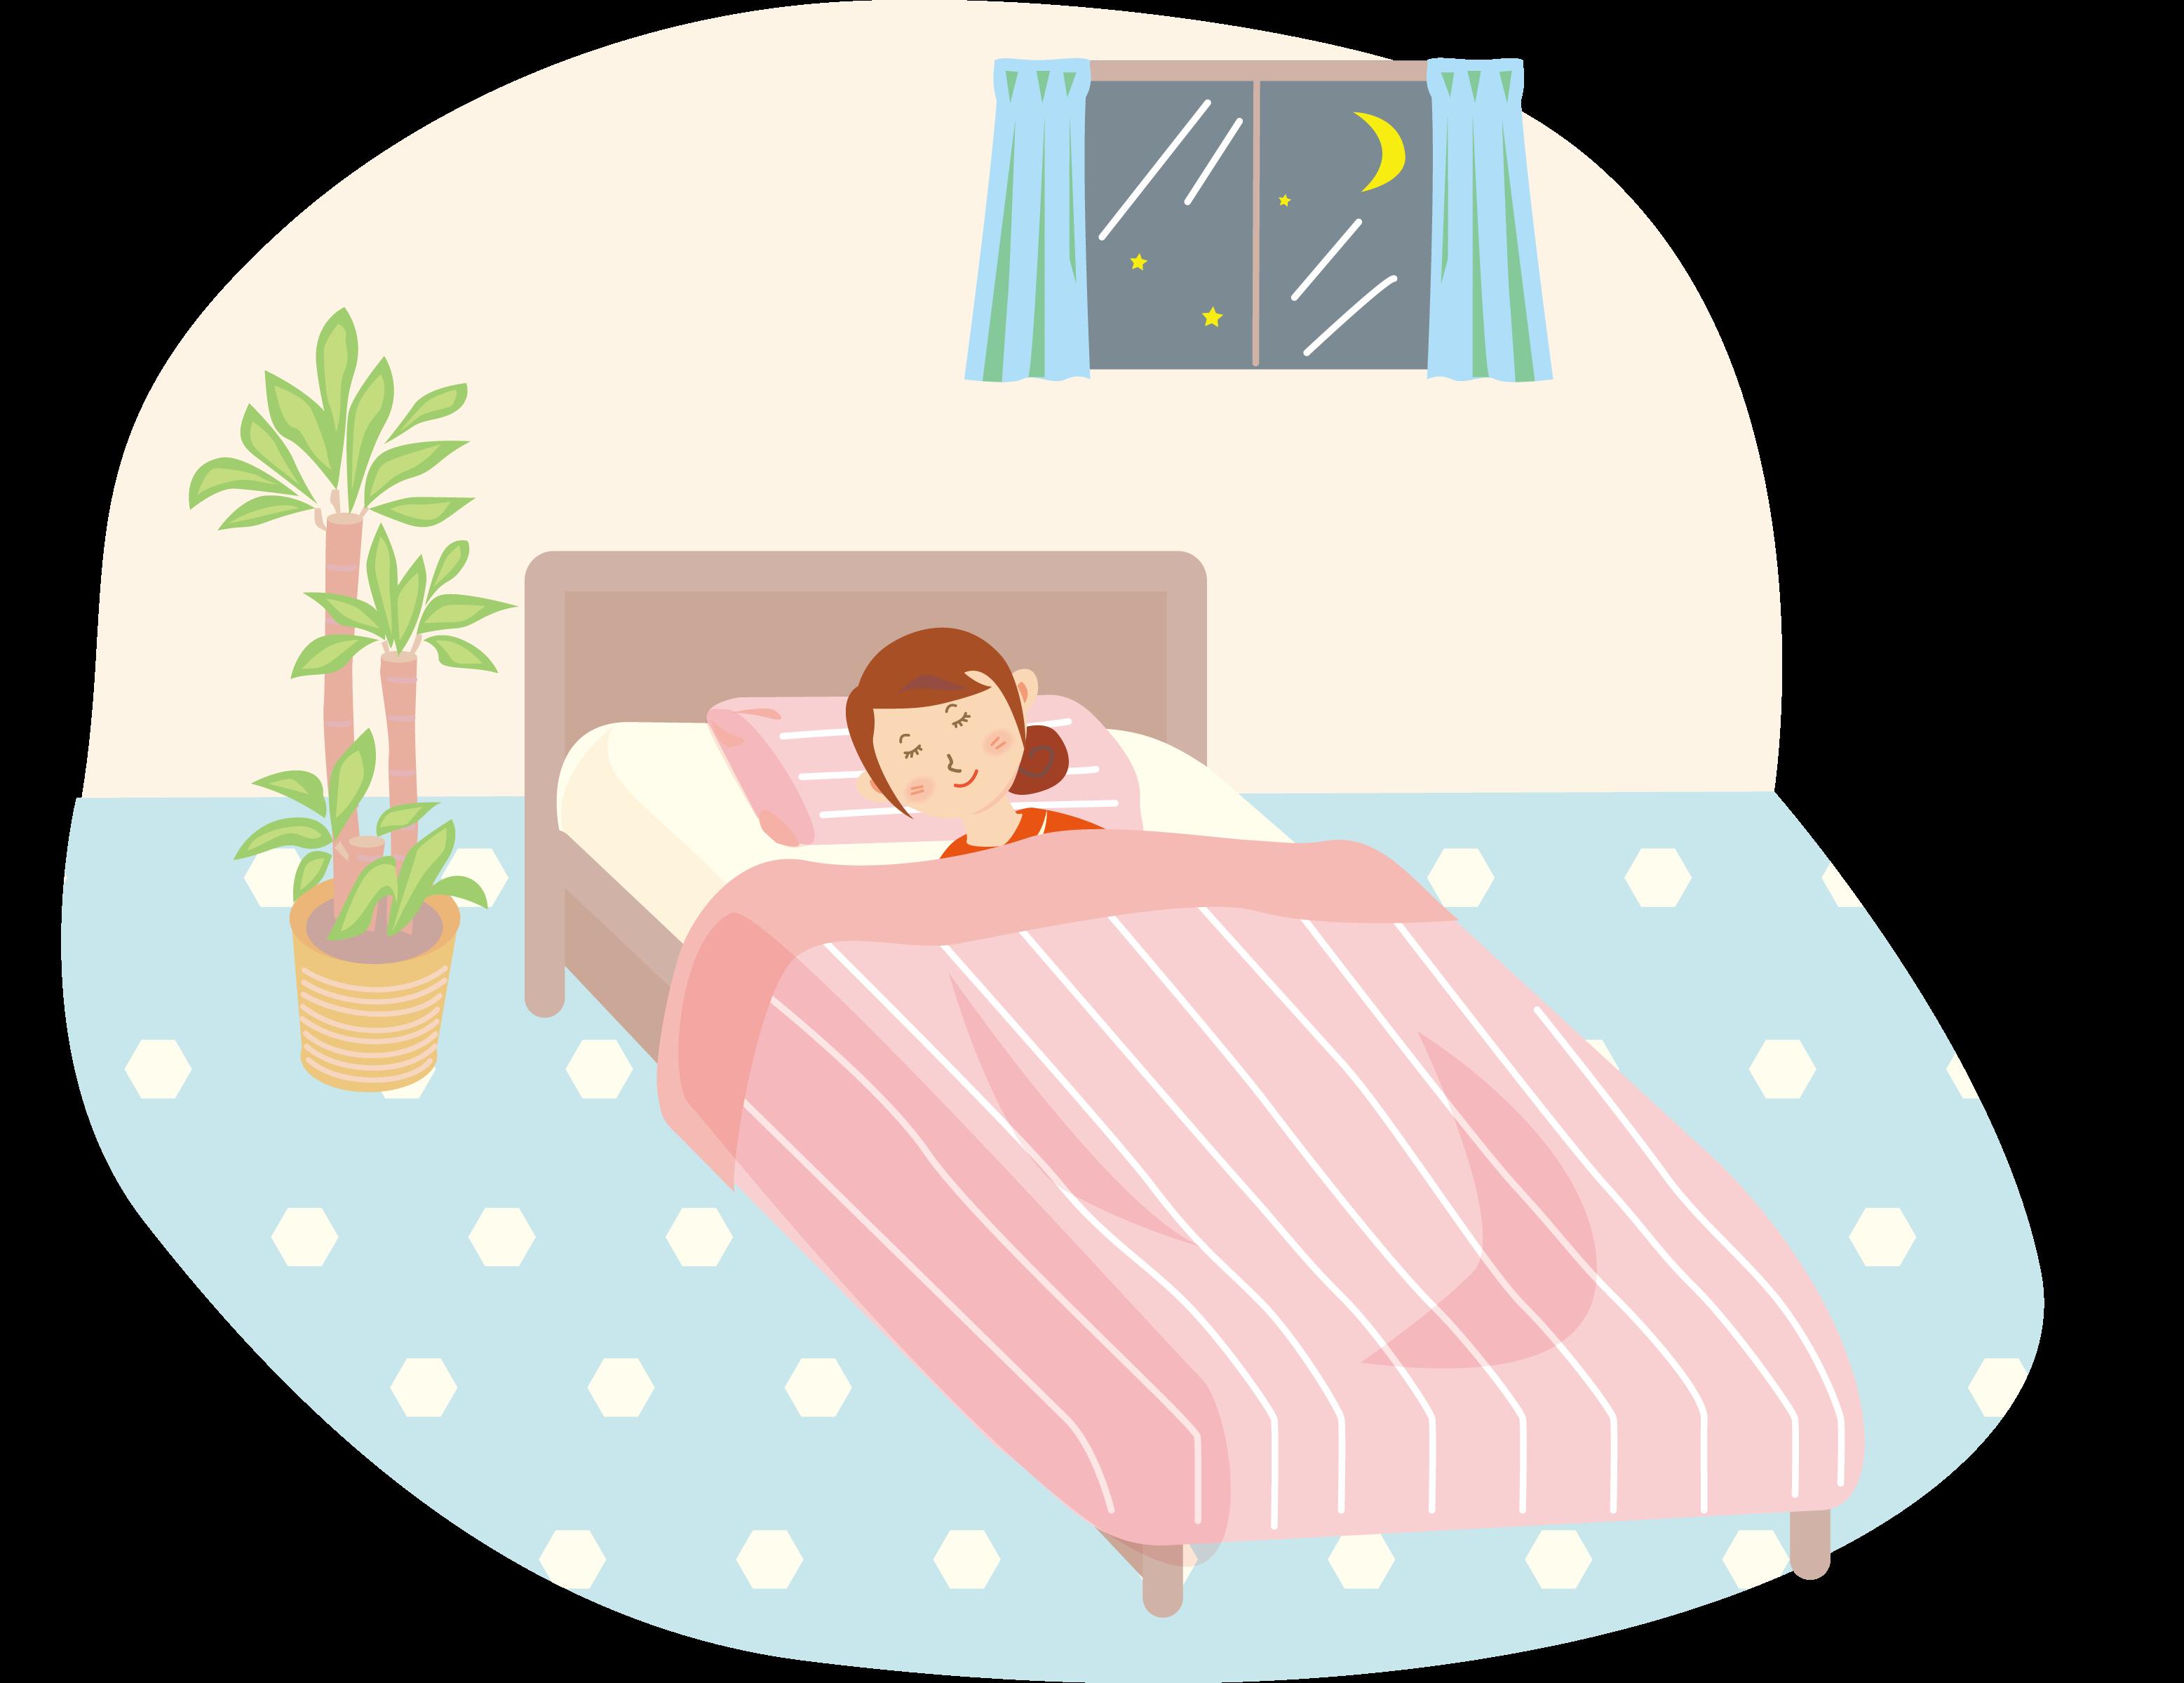 睡眠時、胸の脂肪は重力で下に移動